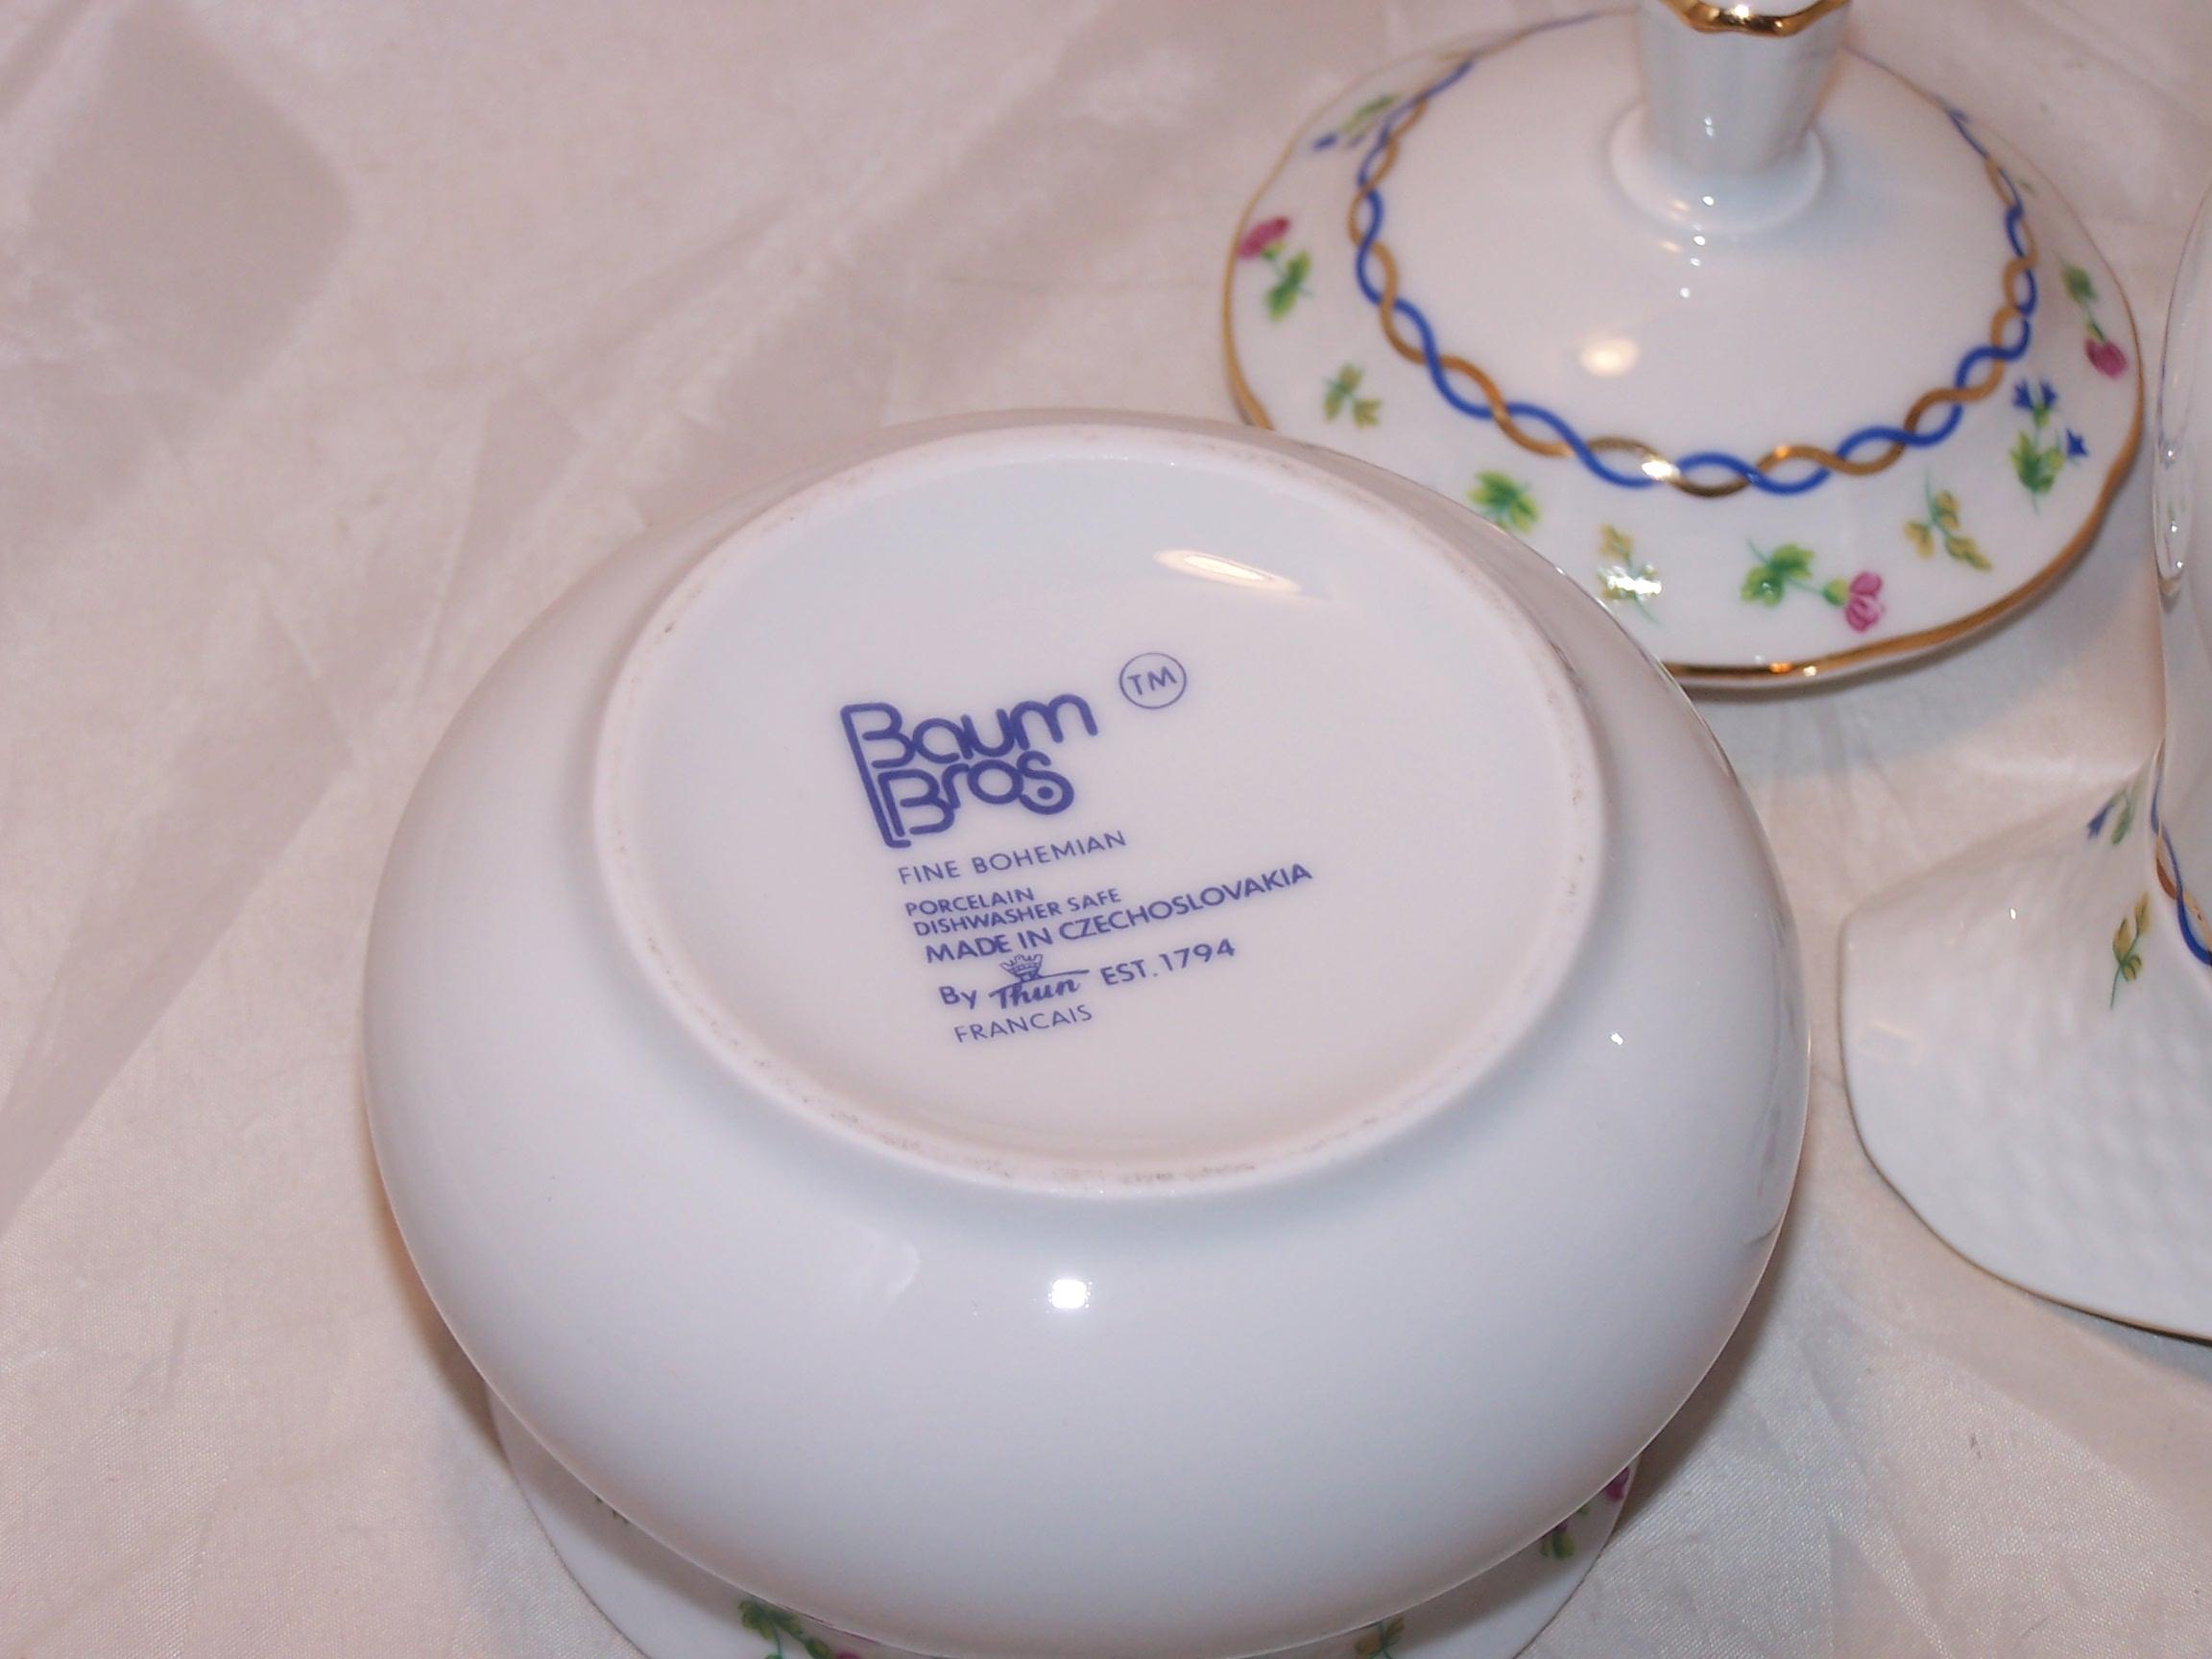 Bottom of sugar bowl